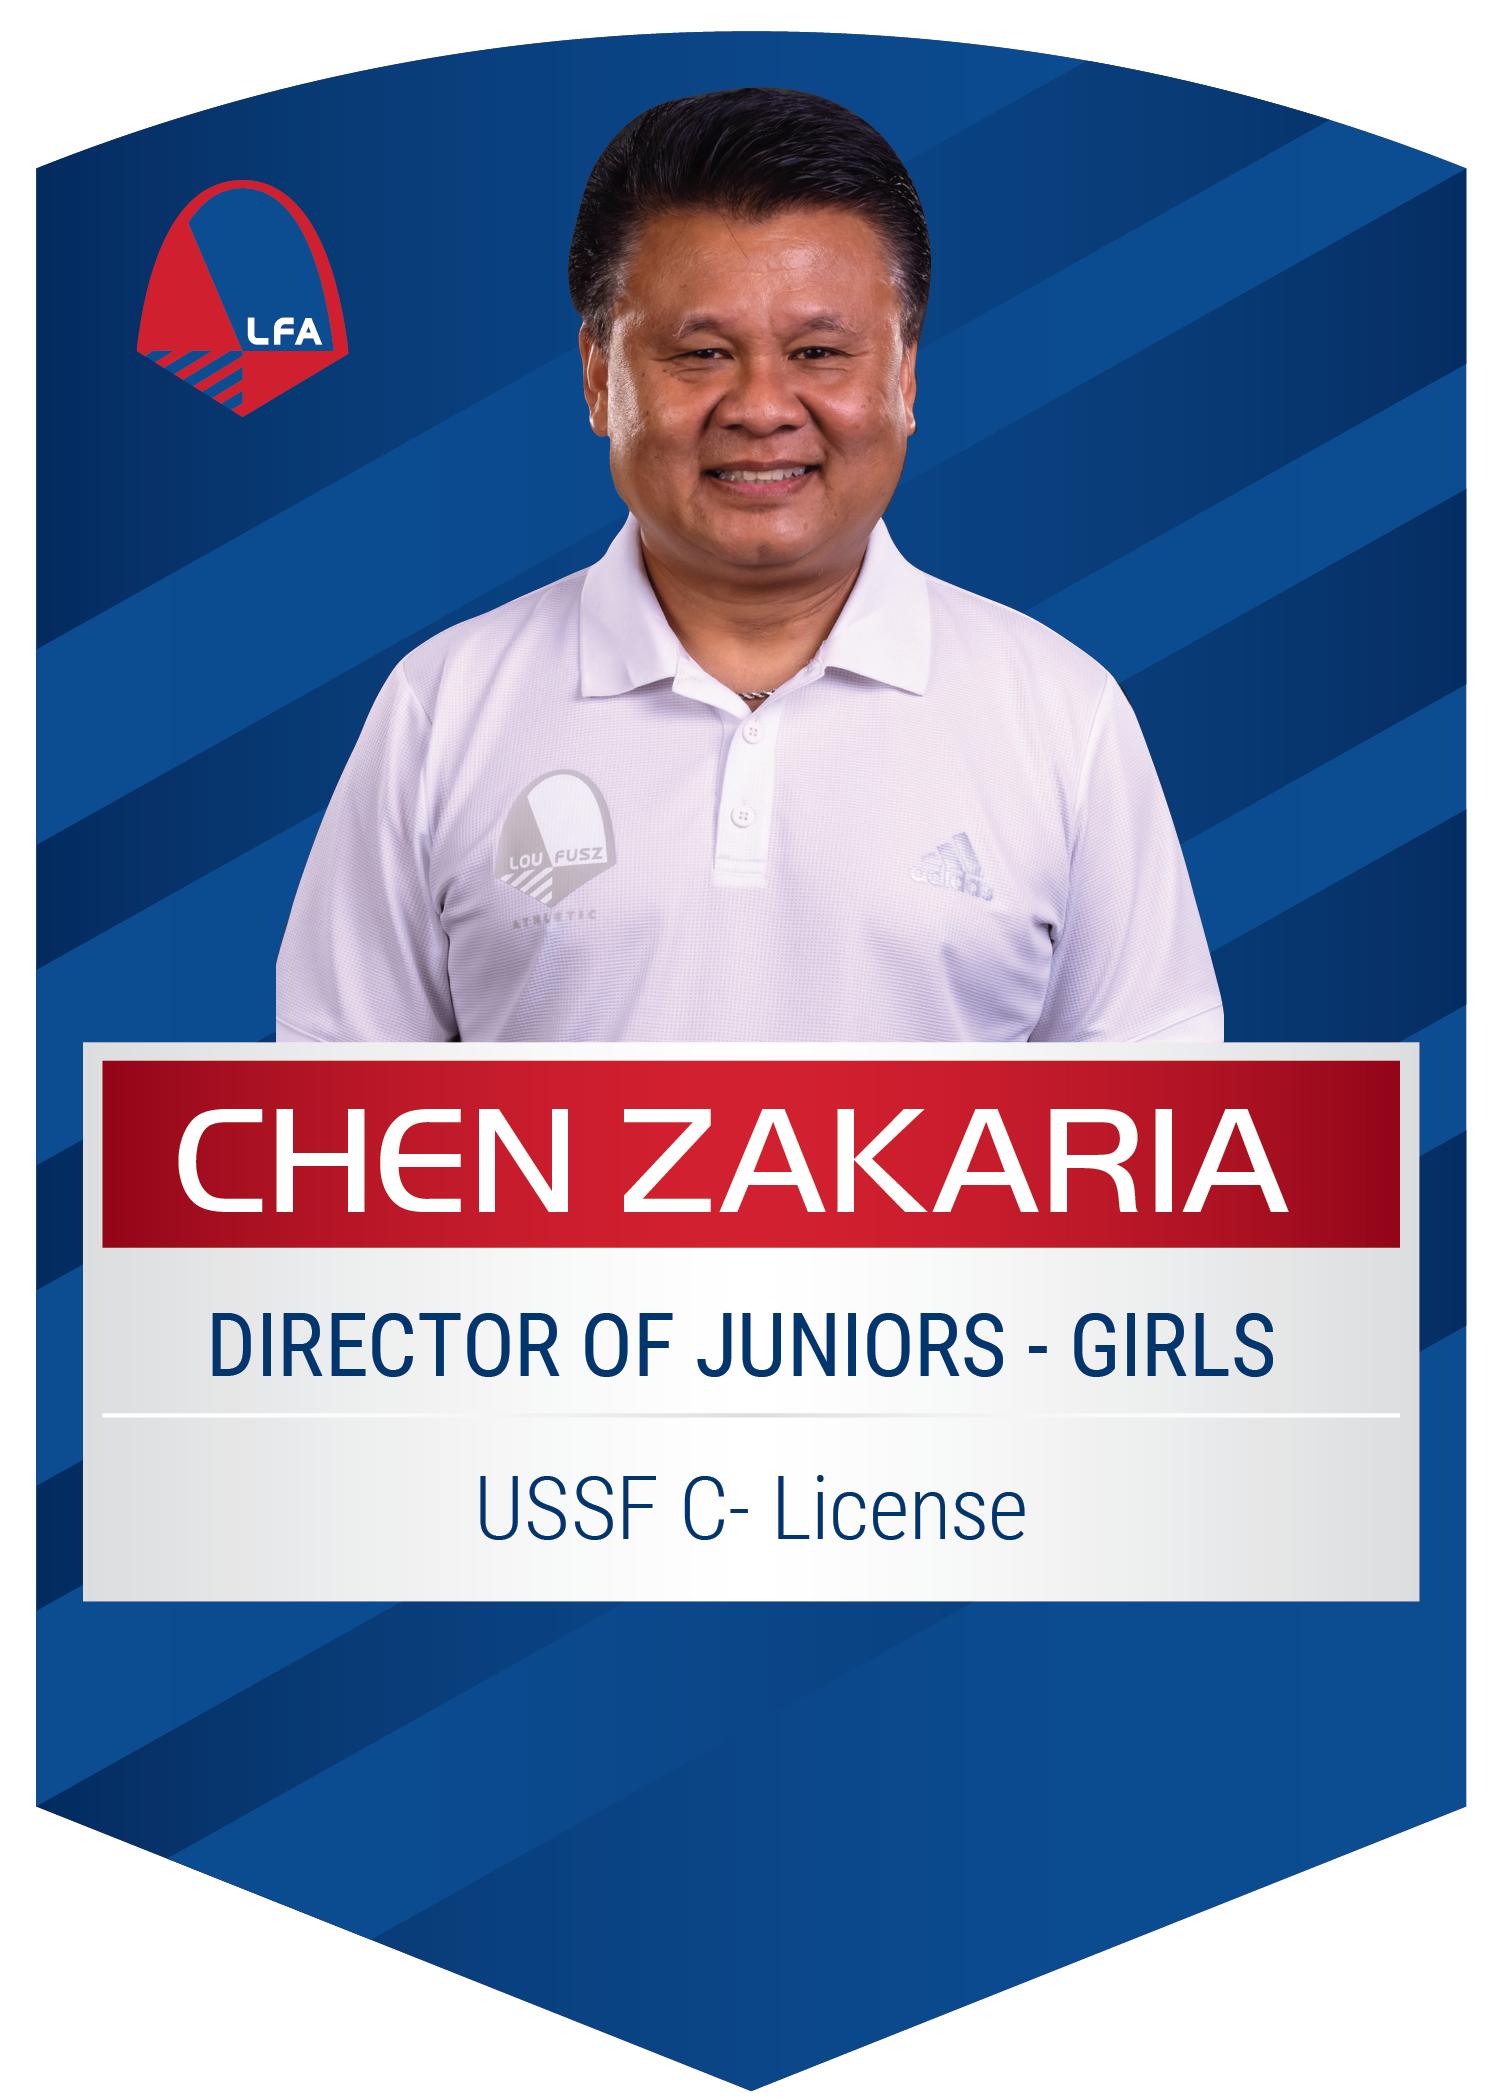 Chen Zakaria